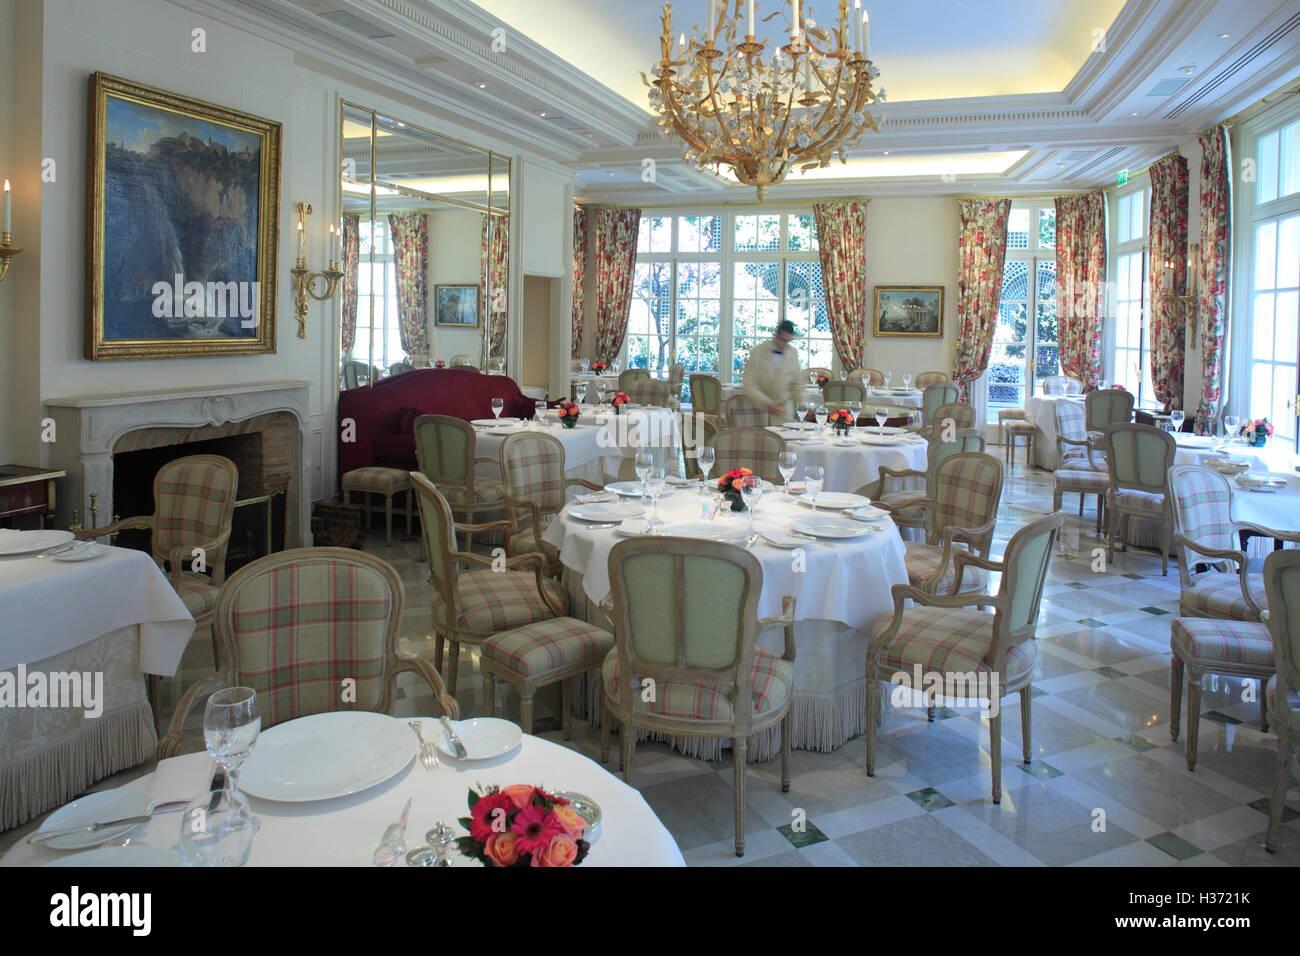 3 Michelin stared gastronomic restaurant Epicure in Hotel Le Bristol. Paris.France - Stock Image